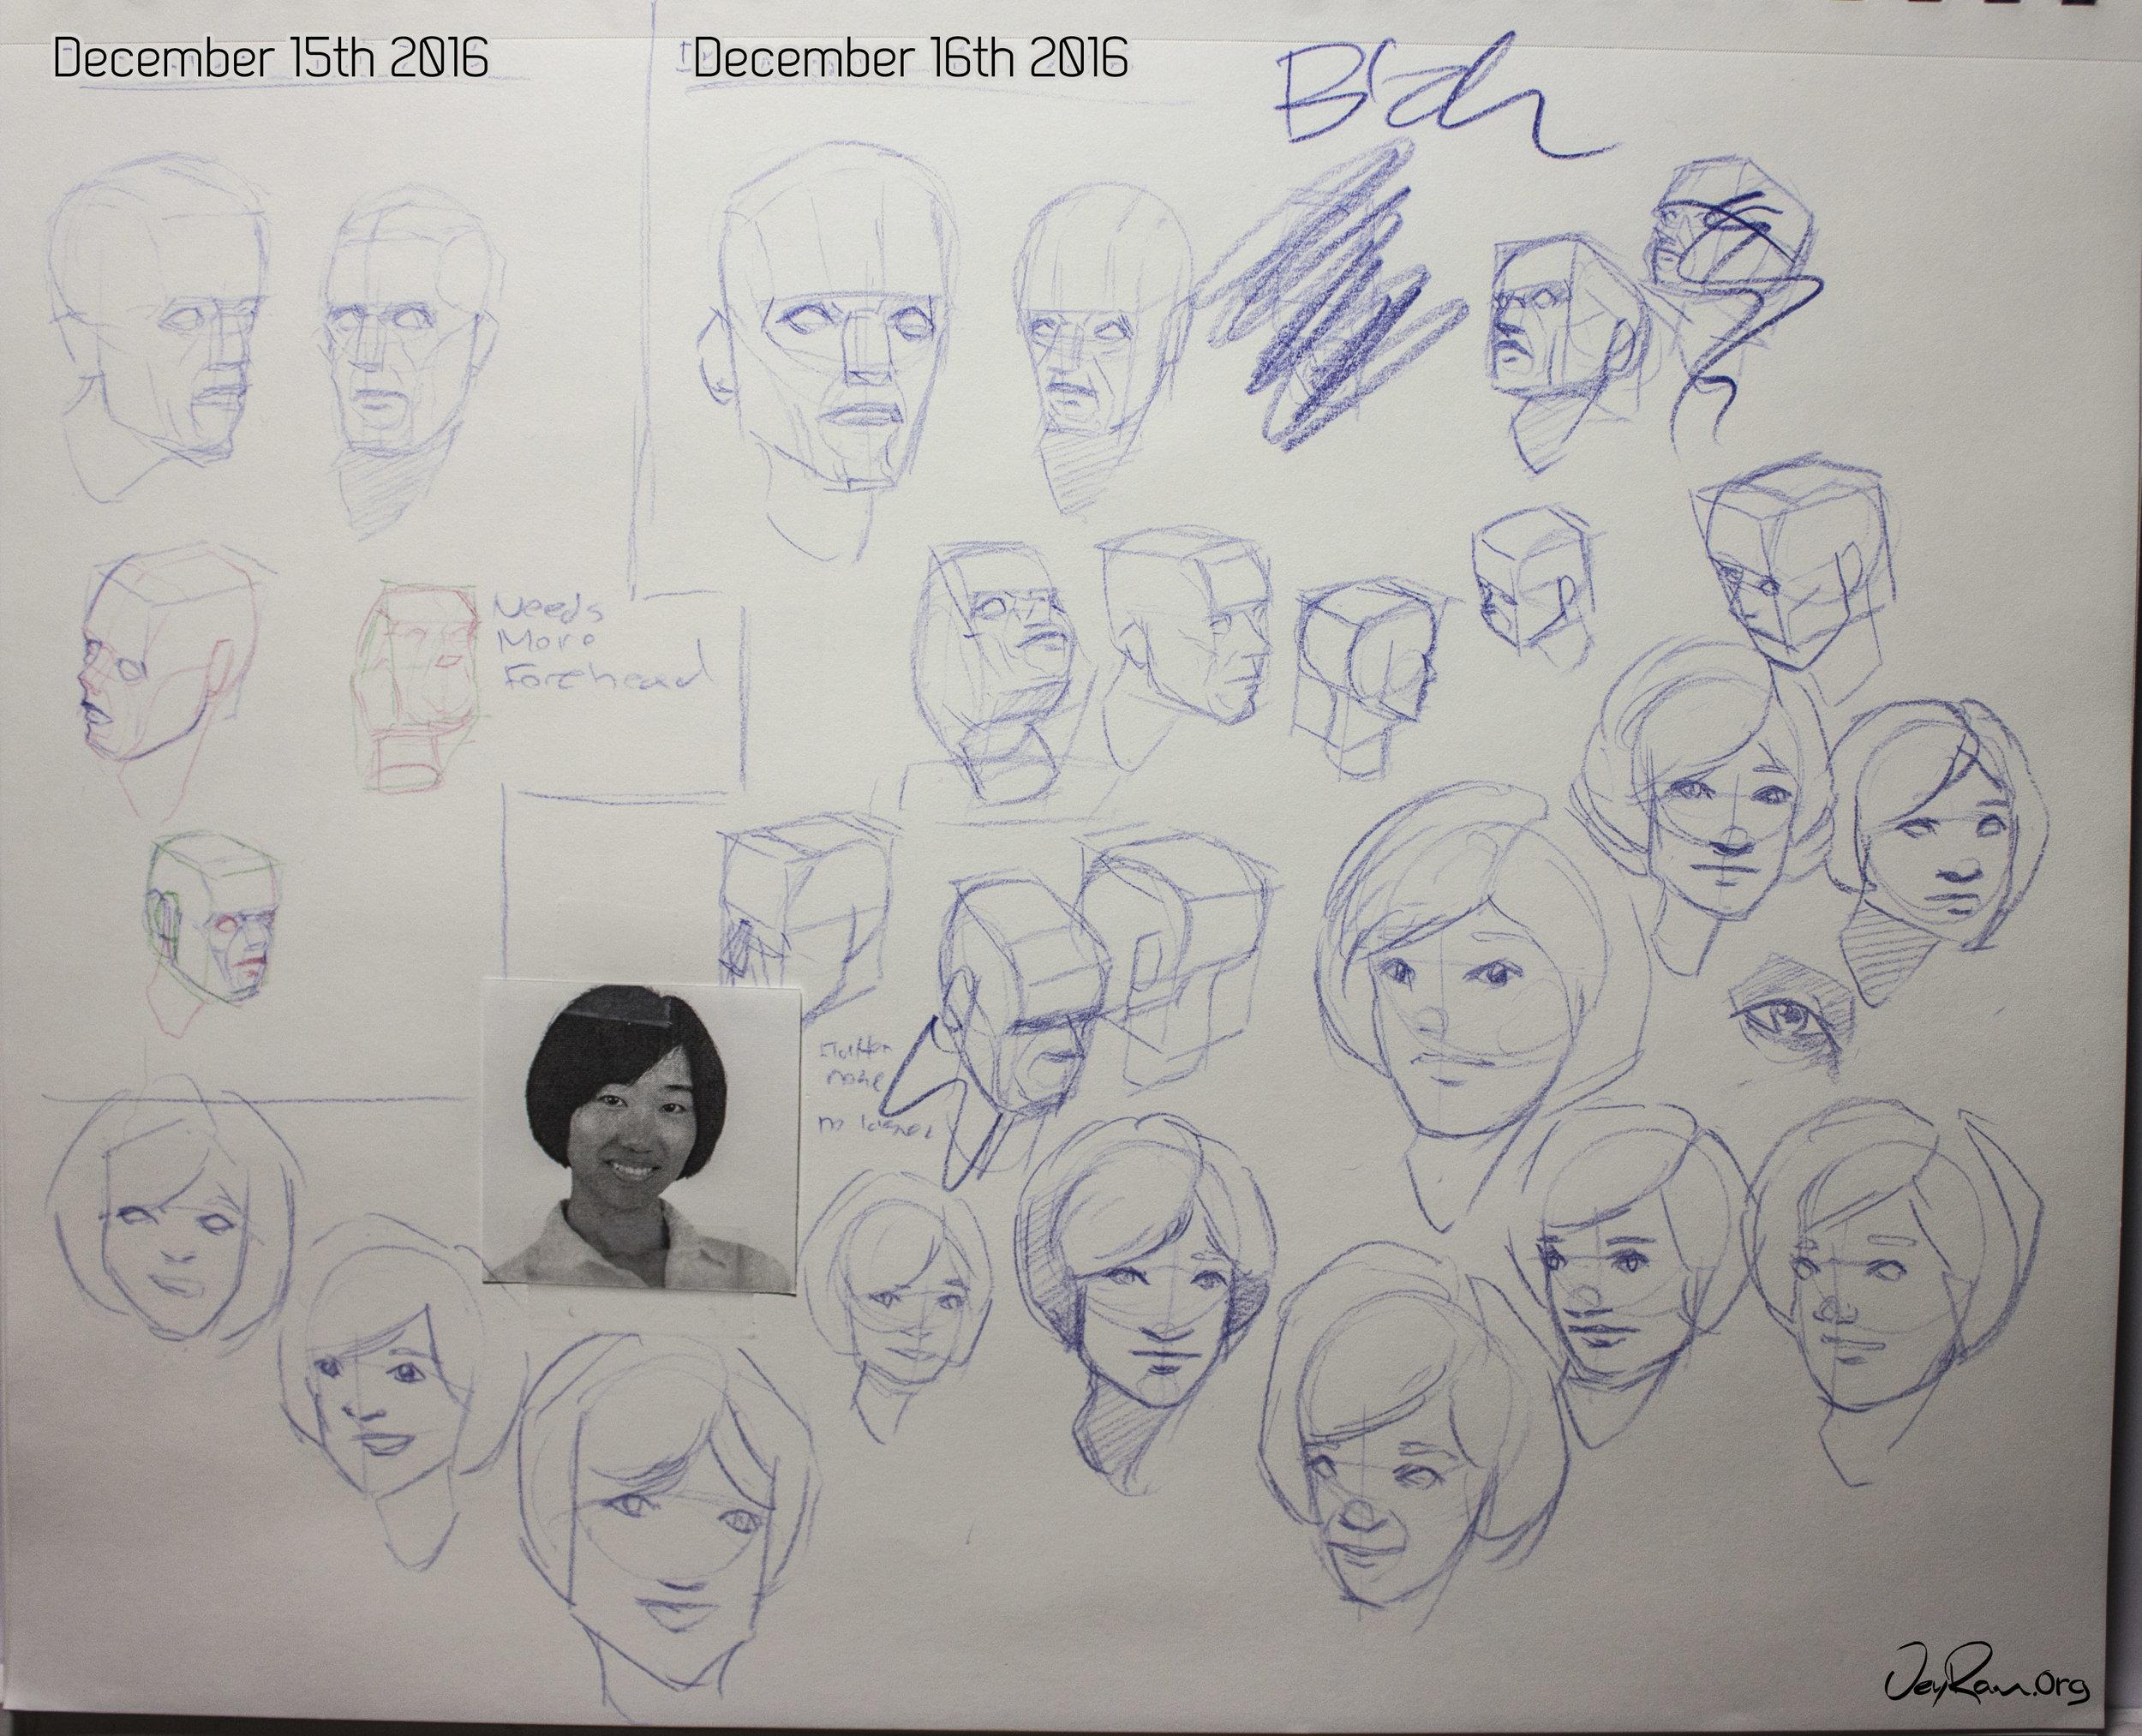 16-12-16 1.jpg